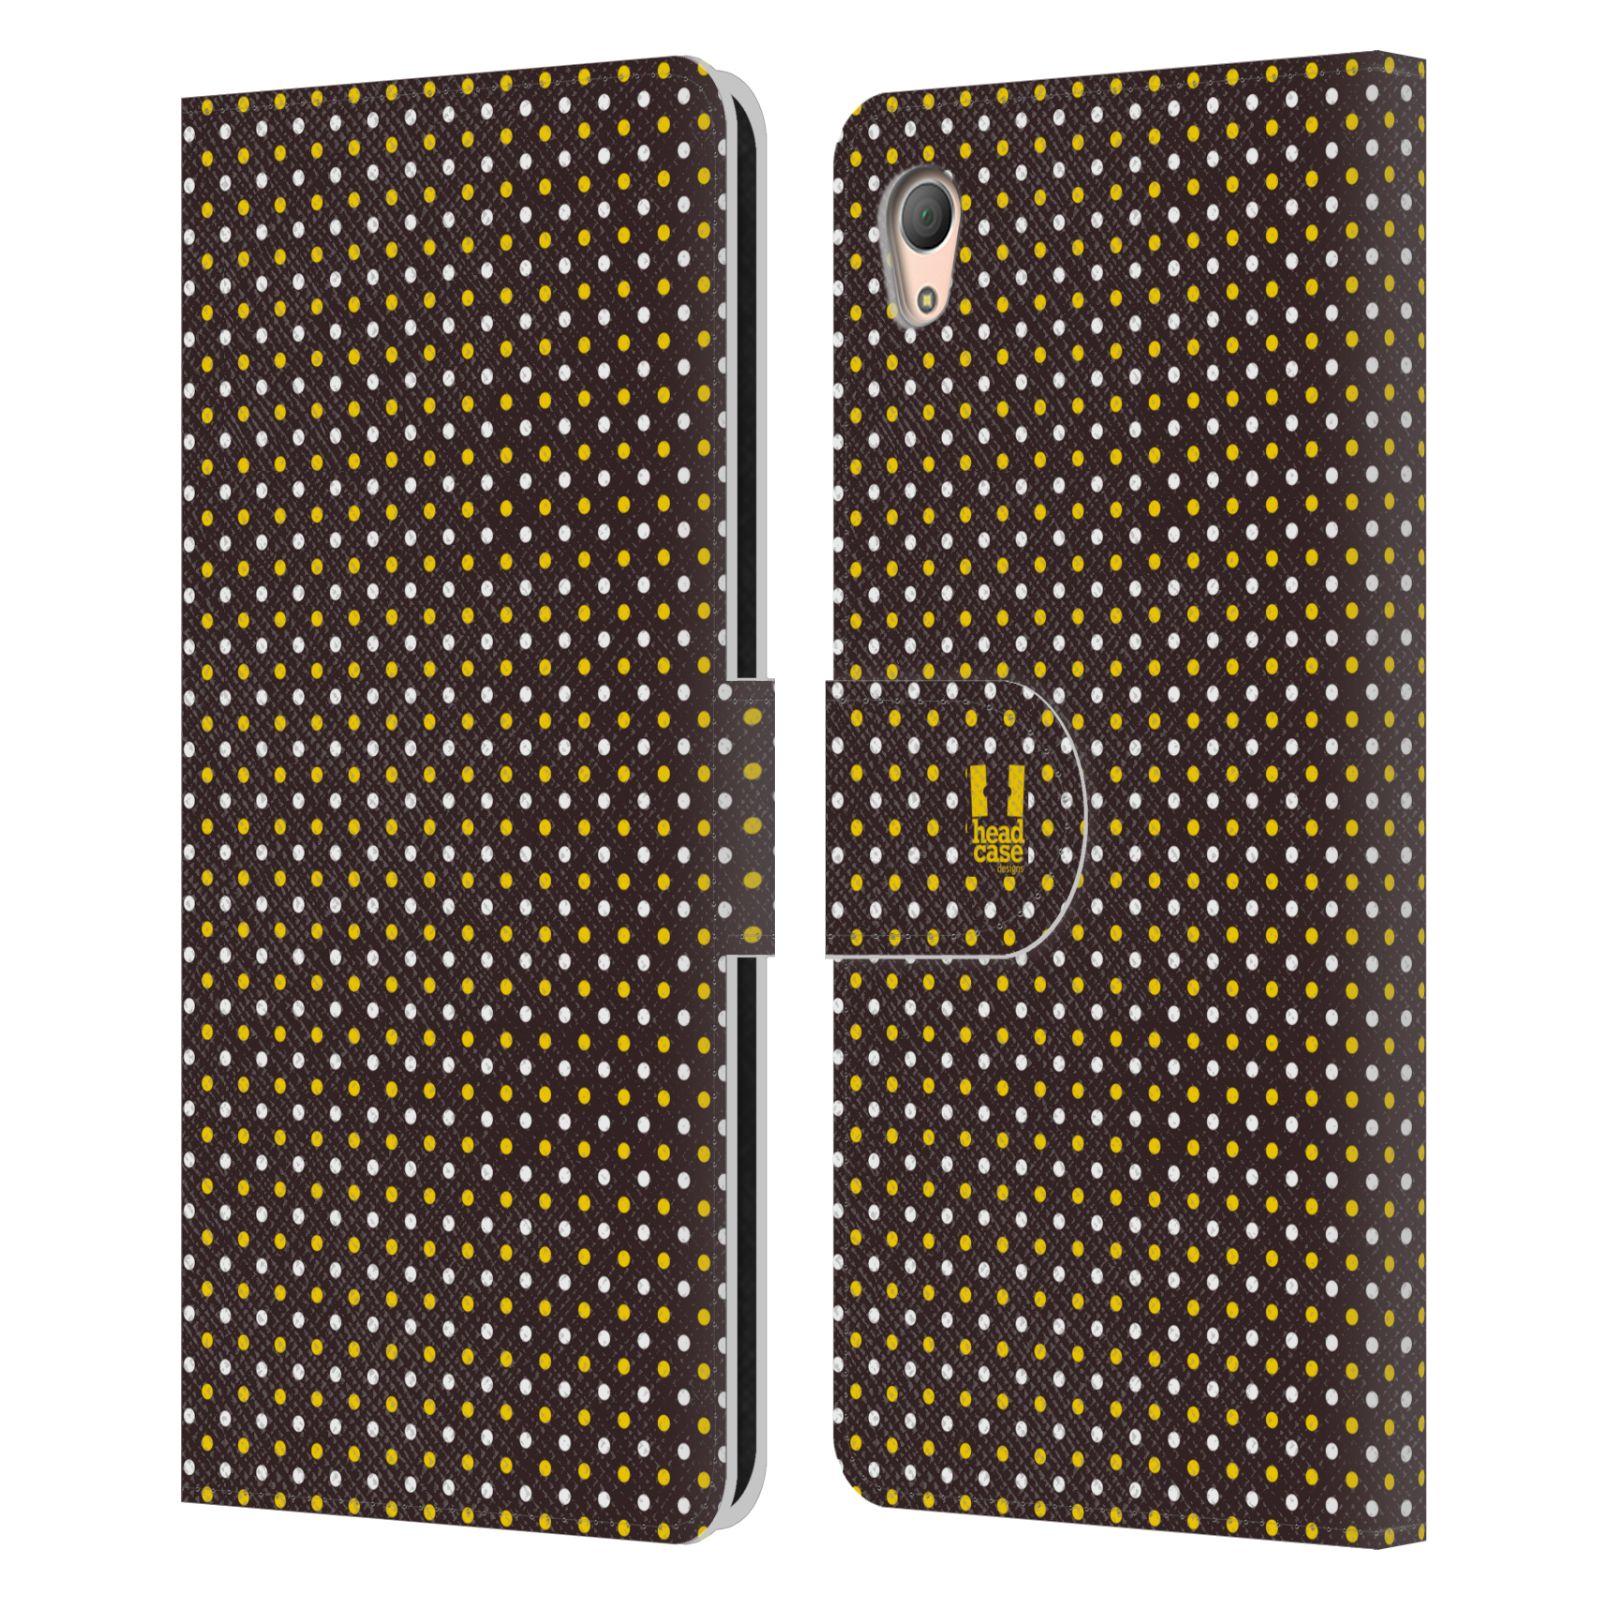 HEAD CASE Flipové pouzdro pro mobil SONY XPERIA Z3+ (PLUS) VČELÍ VZOR puntíky hnědá a žlutá